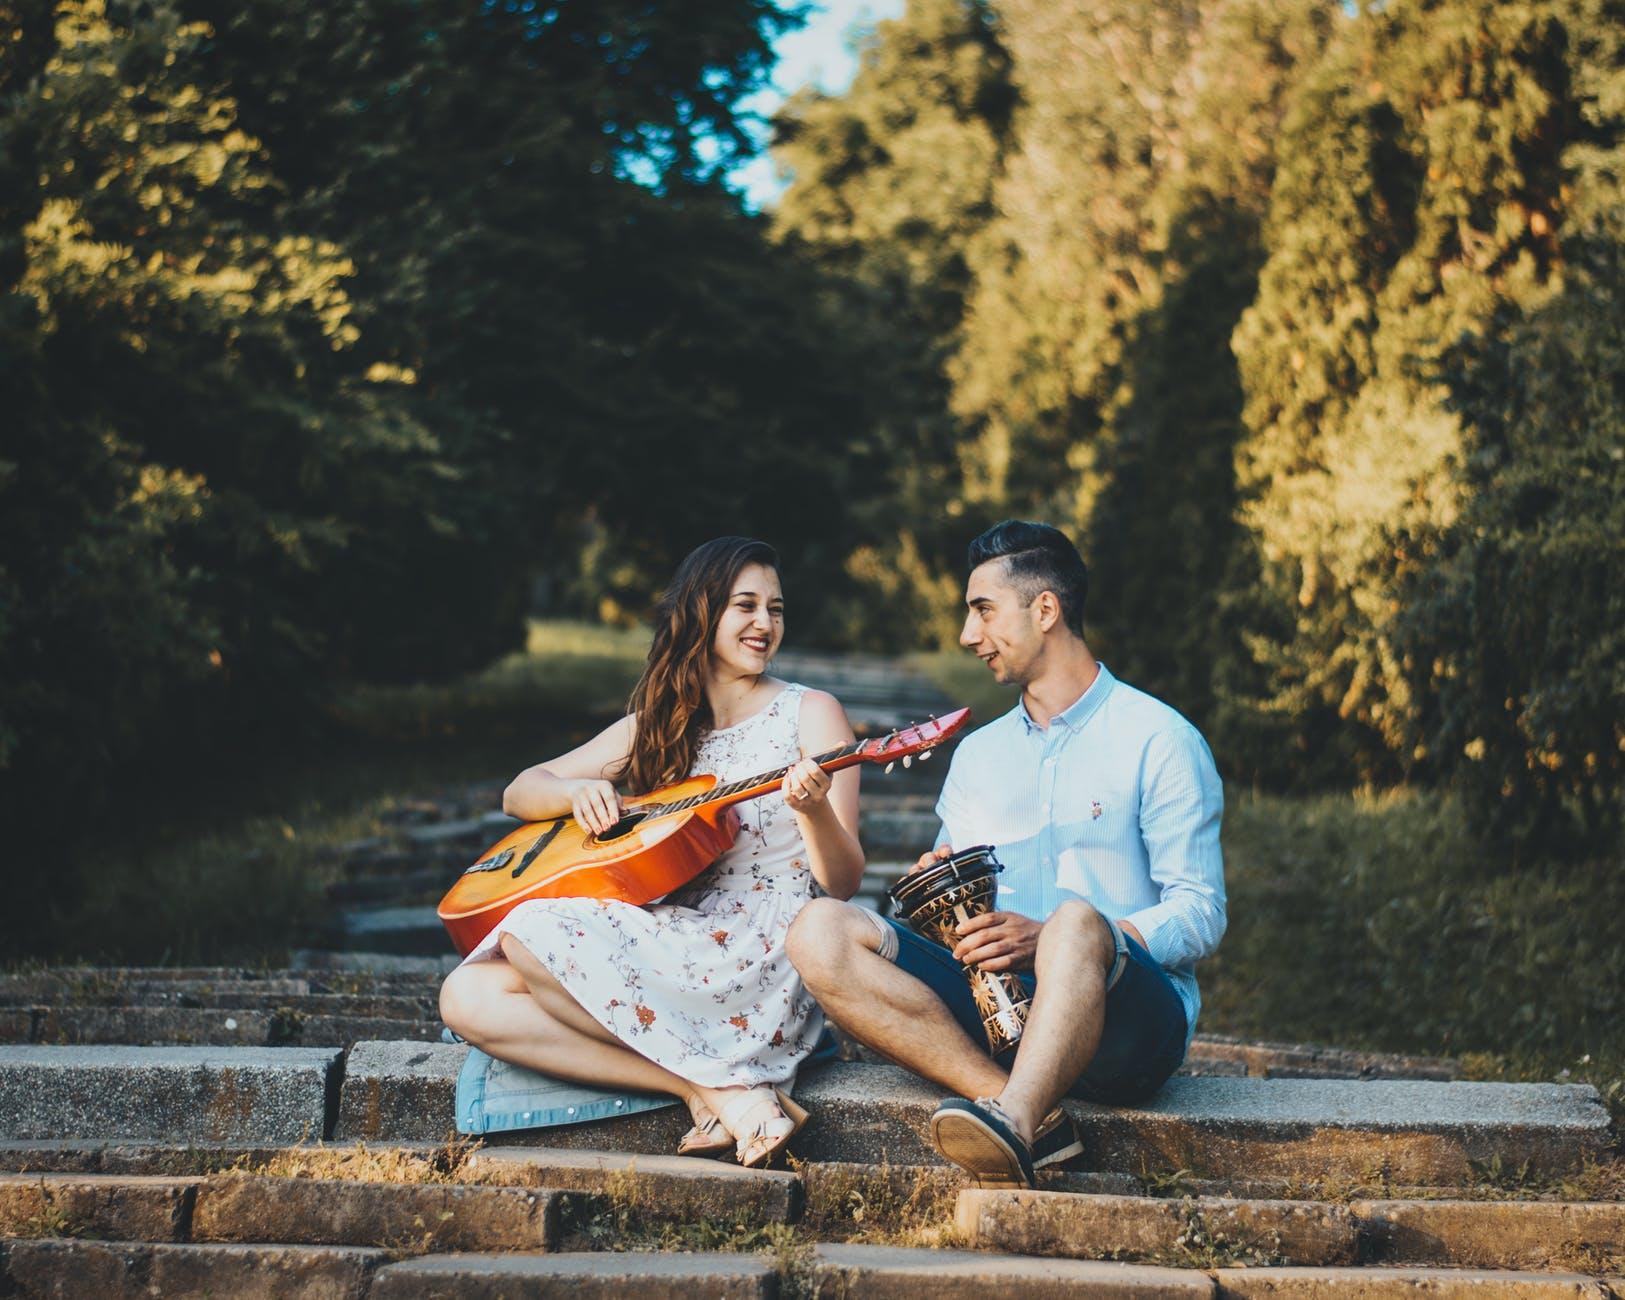 valori coppie felici